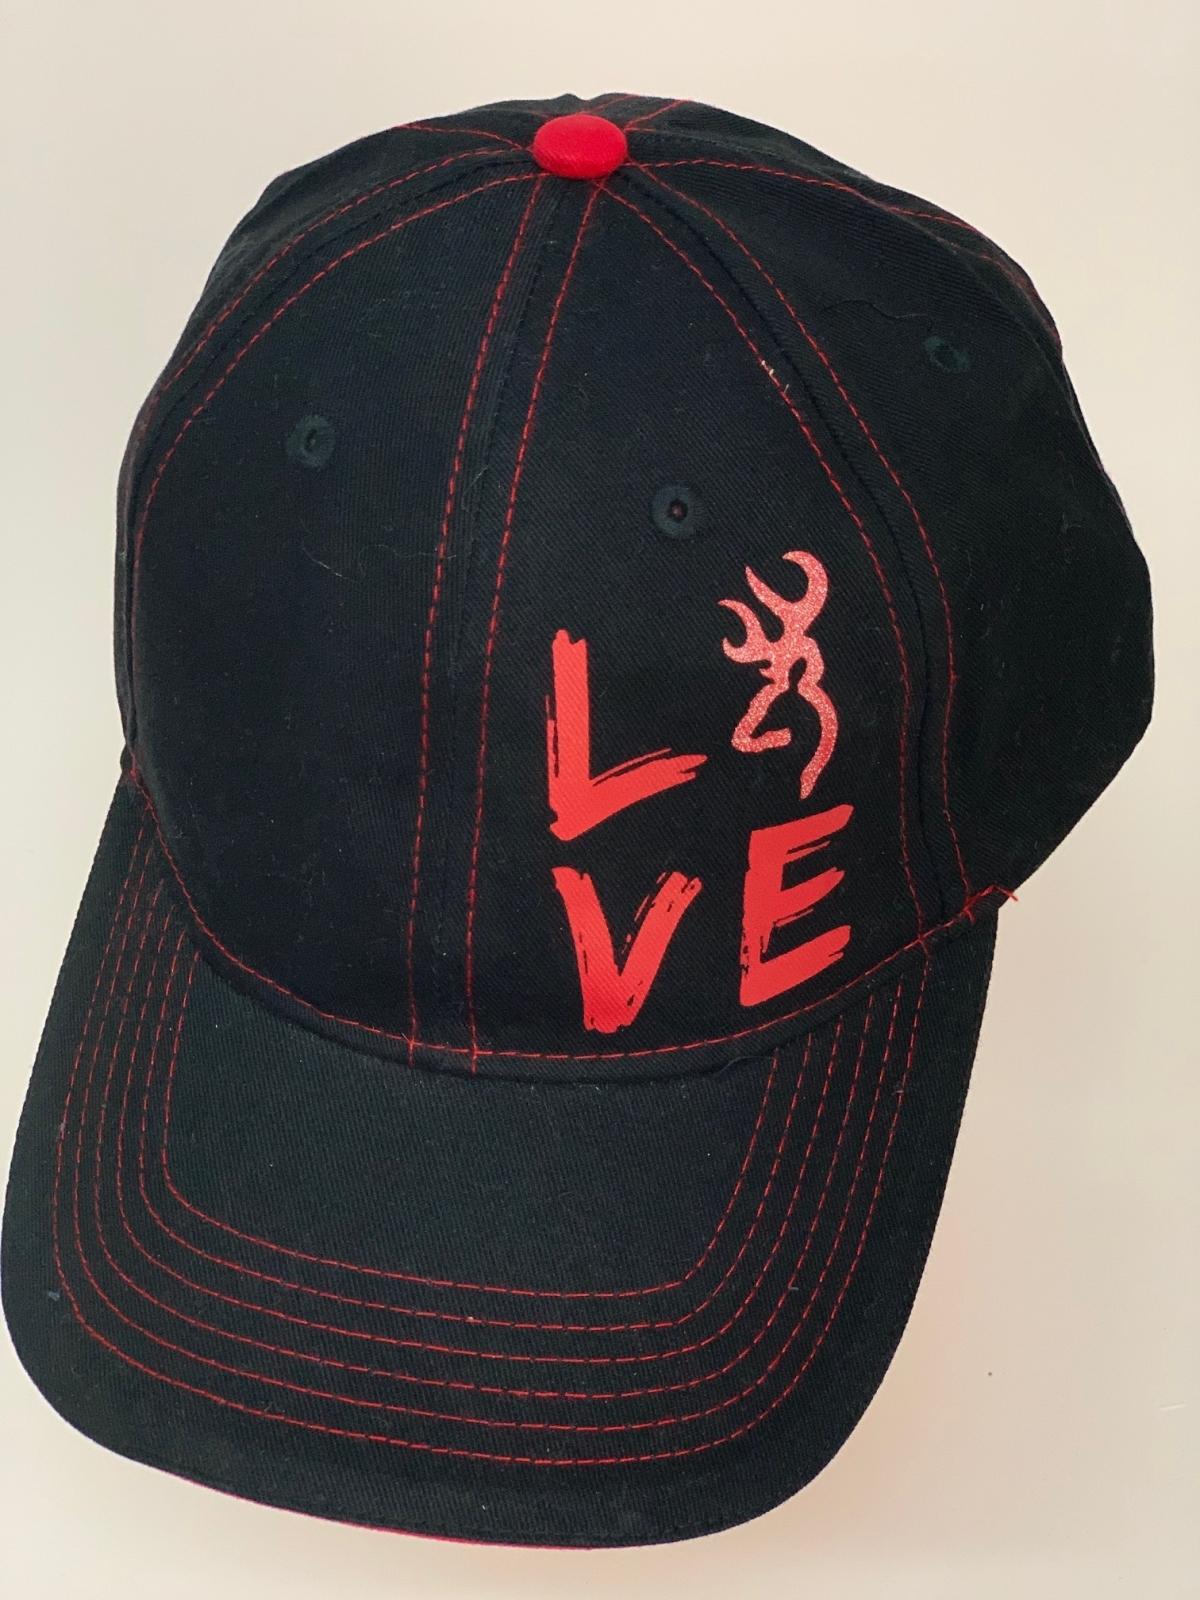 Бейсболка Browning черного цвета с красной нитью